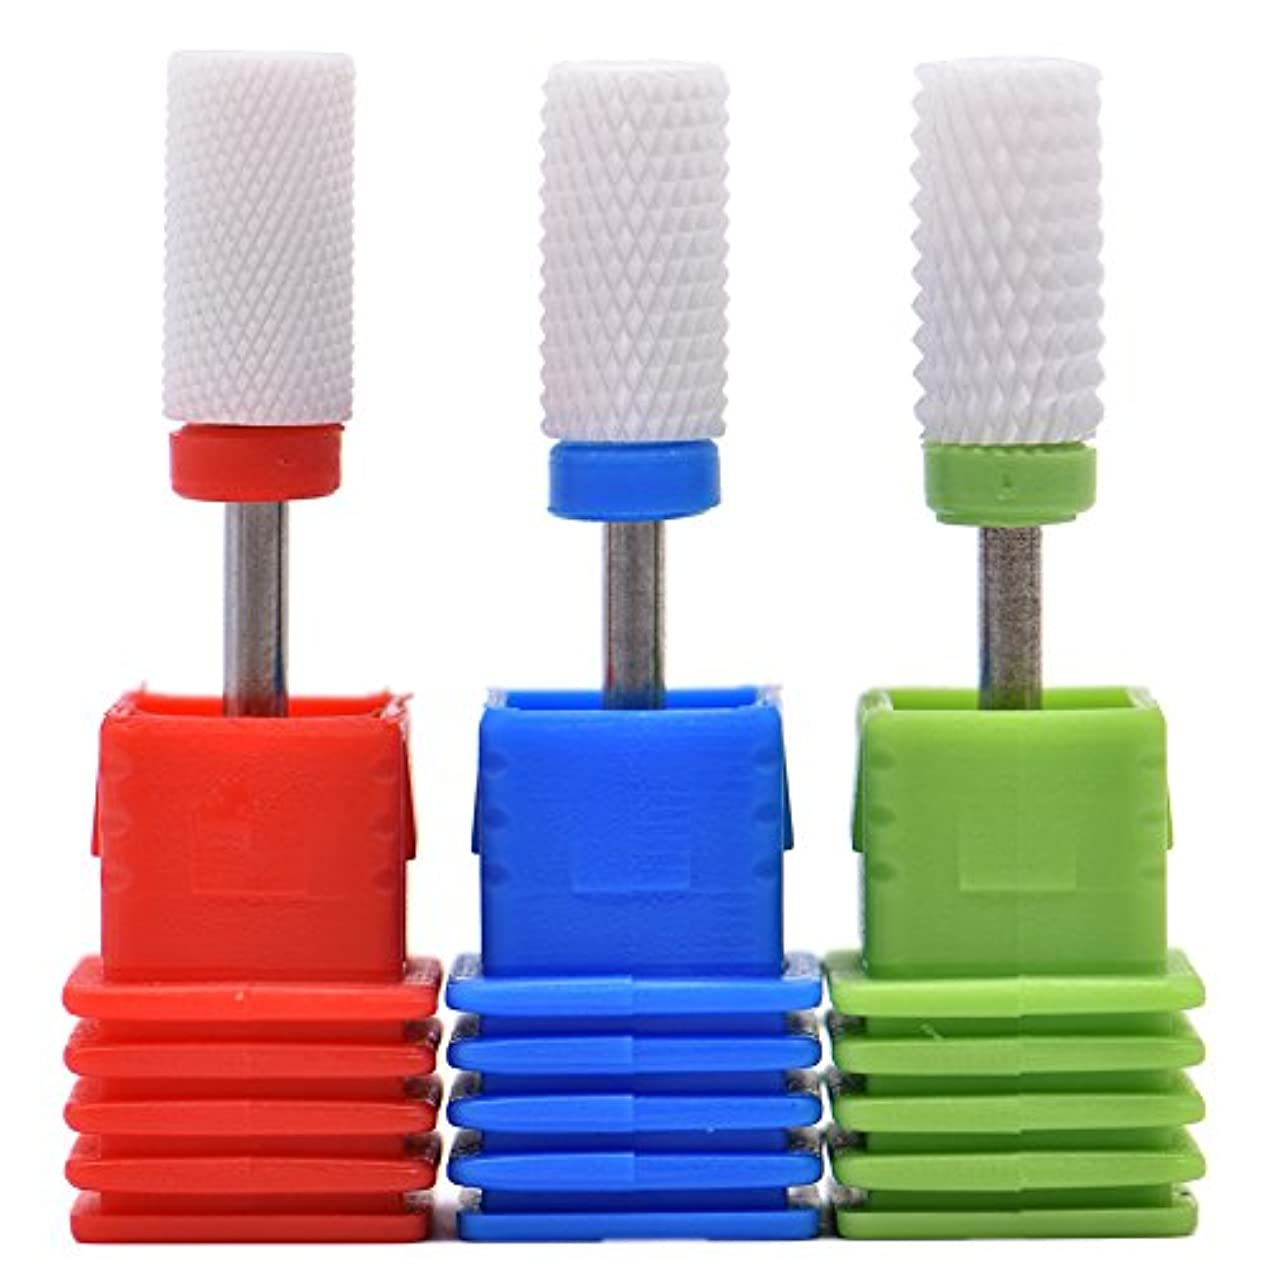 ペルセウス遊び場弱点Oral Dentistry ネイルアート ドリルビット 研削ヘッド 研磨ヘッド ネイル グラインド ヘッド 爪 磨き 研磨 研削 セラミック 全3色 (レッドF(微研削)+グリーンC(粗研削)+ブルーM(中仕上げ))